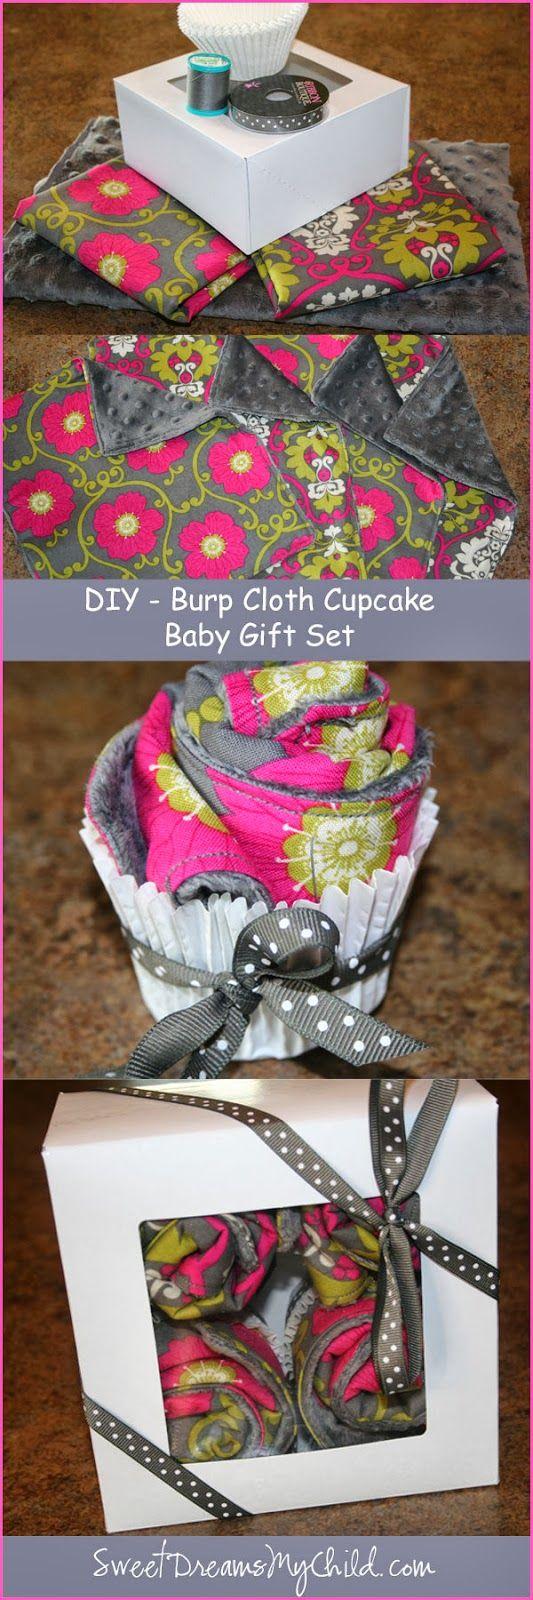 Washcloth cupcake tutorial | flower arrangements | pinterest.